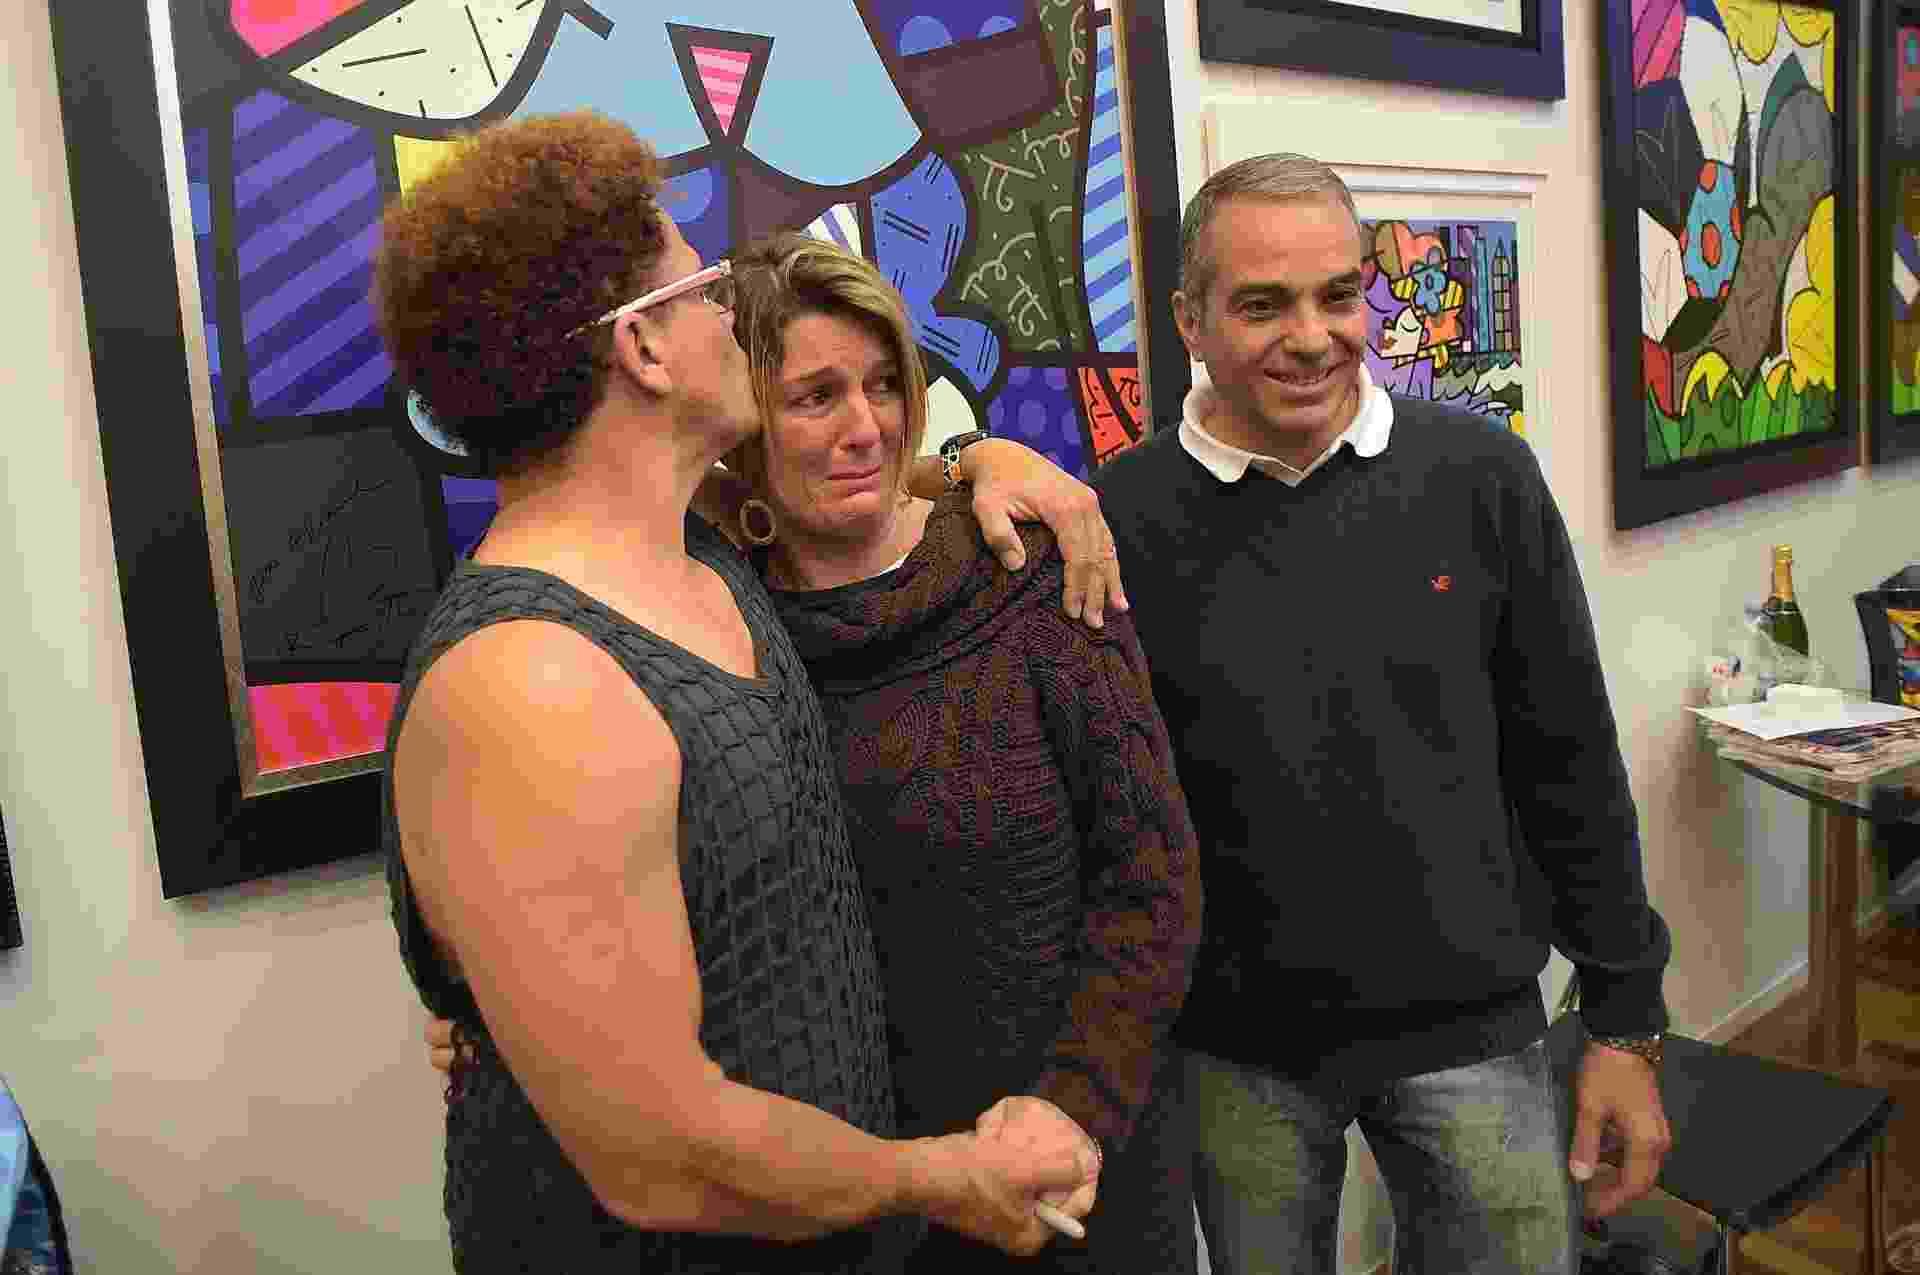 5.jul.2014 - A artista plástica Eliane Bruno, 39, chora ao receber beijo e autógrafo em seu primeiro quadro do ídolo Romero Britto durante noite de autógrafos em galeria de shopping de Campos do Jordão (SP) - Reinaldo Canato/UOL